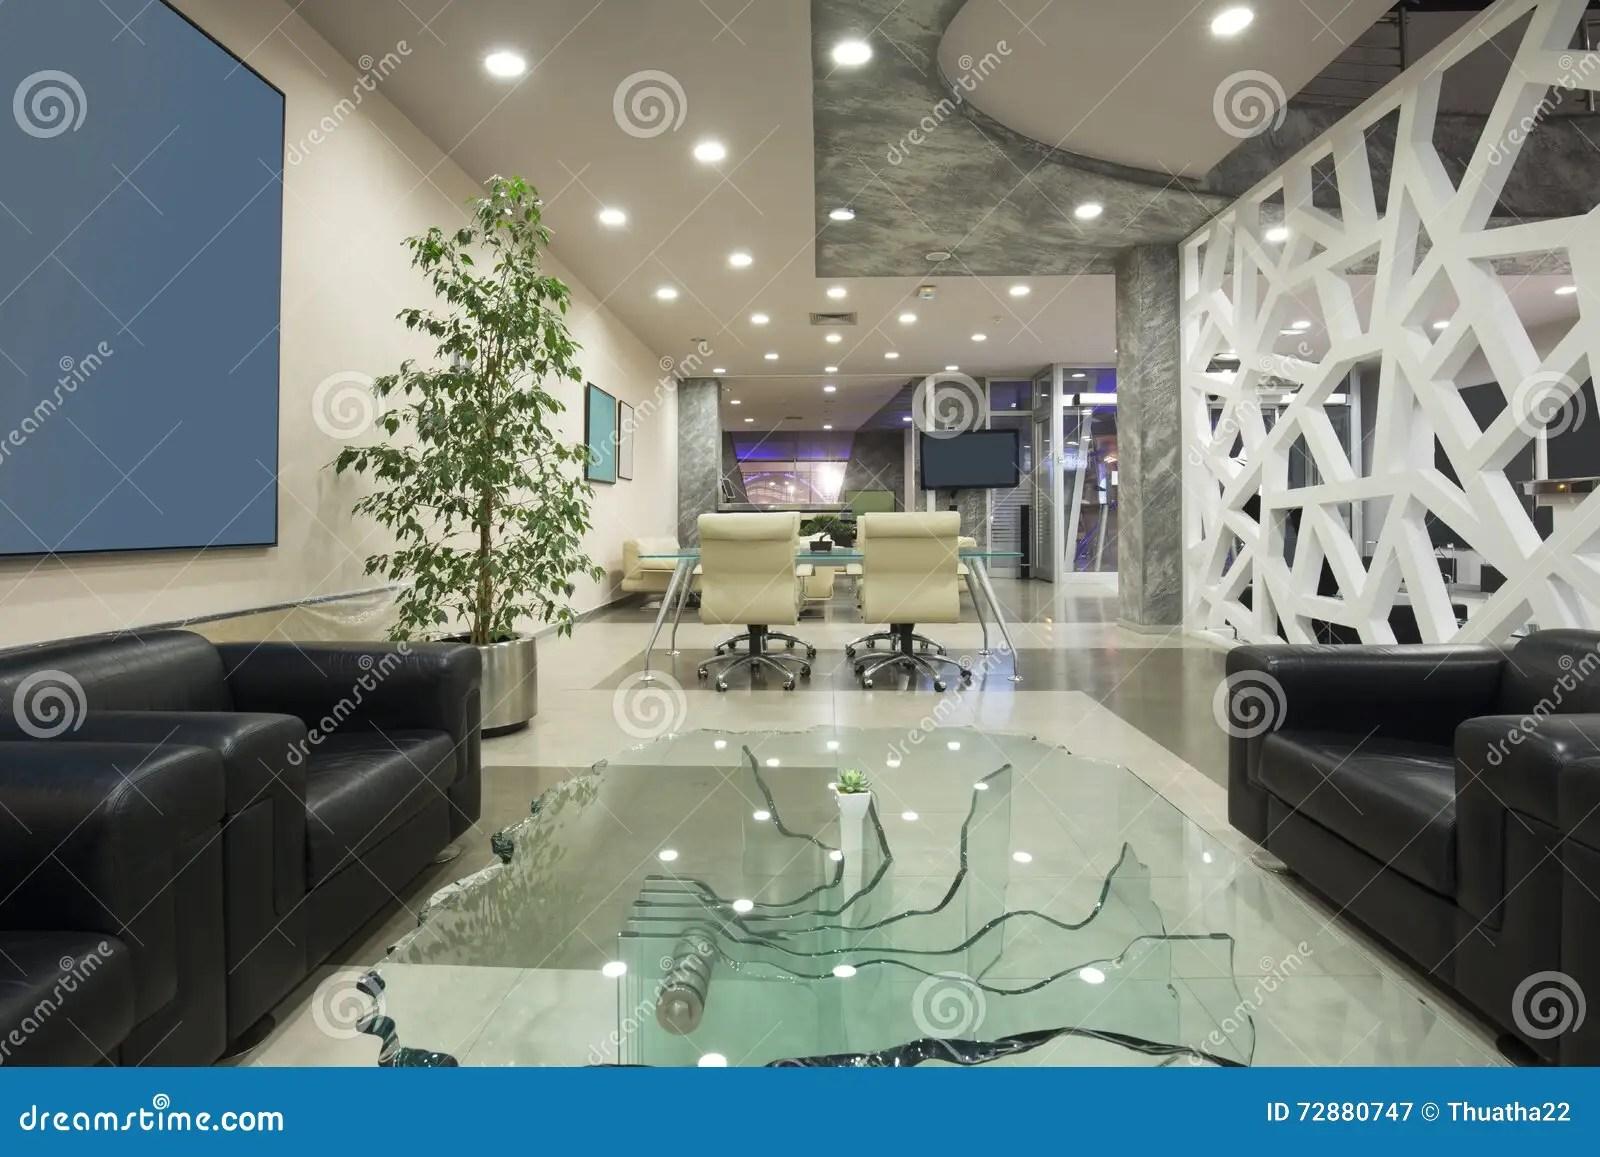 Sogni mai di vivere in una casa di lusso? Modern Luxury Hotel Lobby Interior Stock Image Image Of Architecture Lounge 72880747